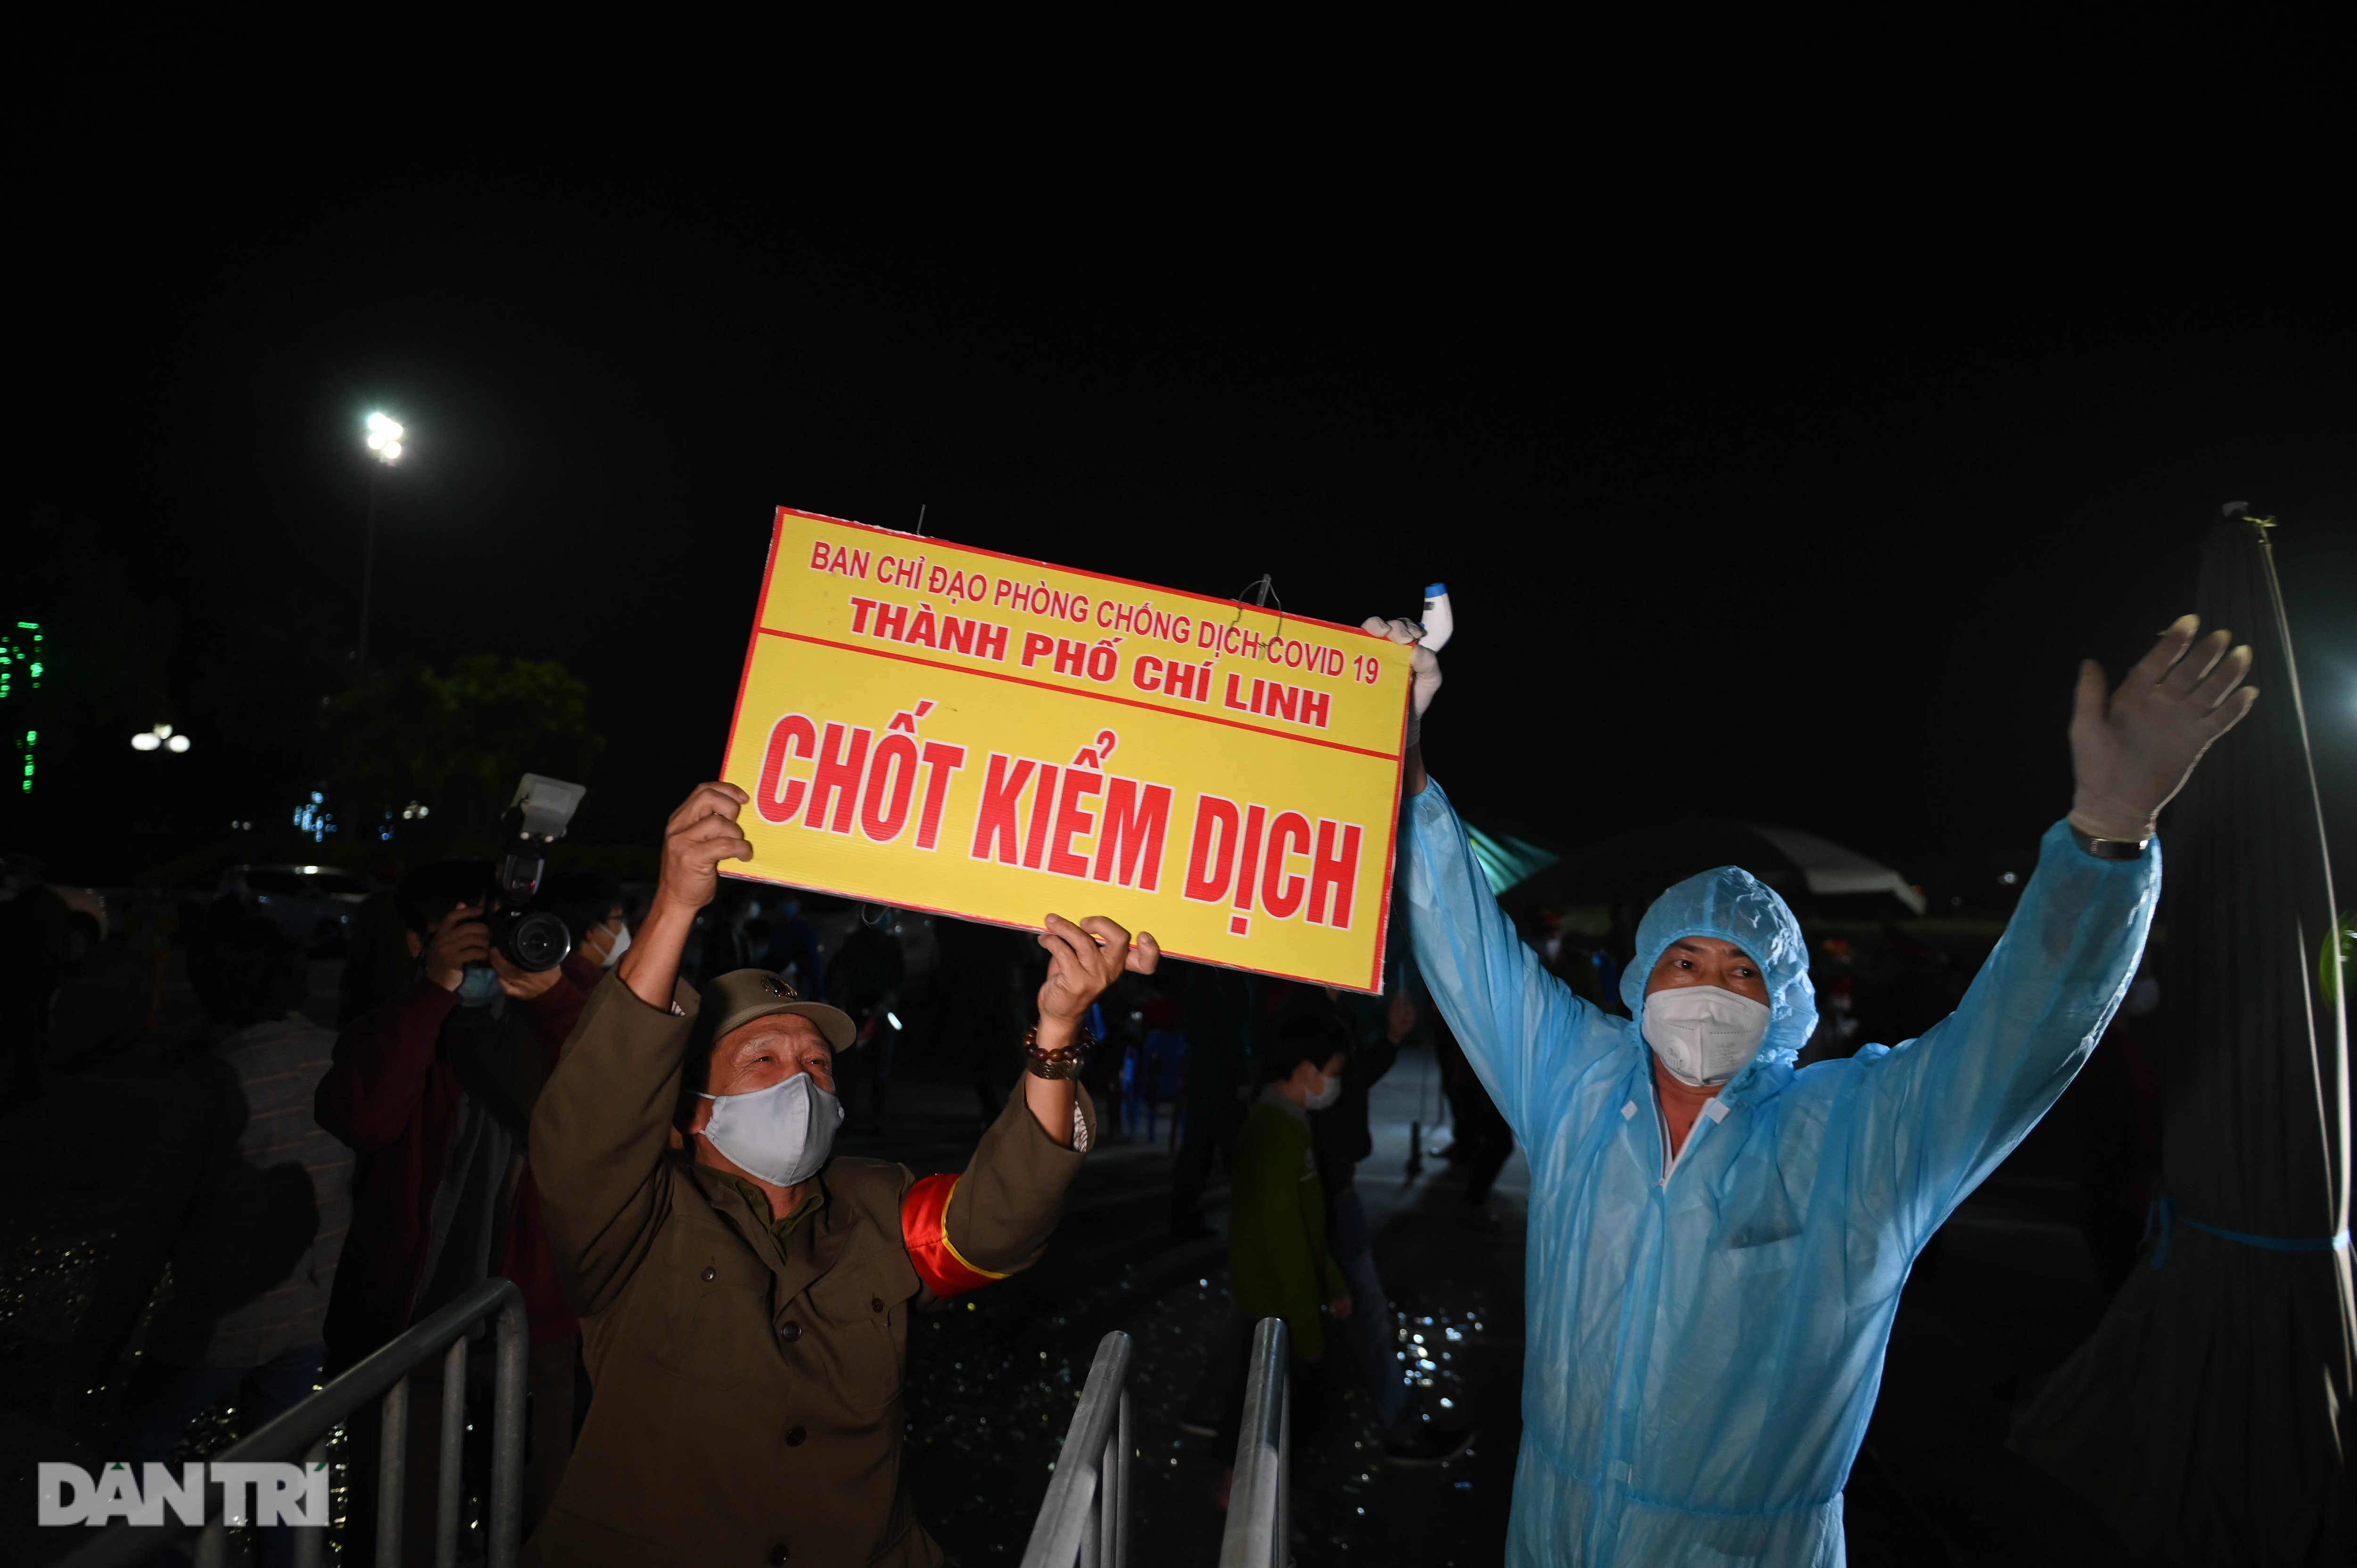 Pháo hoa rực rỡ, người dân vỡ òa cảm xúc khi TP Chí Linh được gỡ phong tỏa - 9